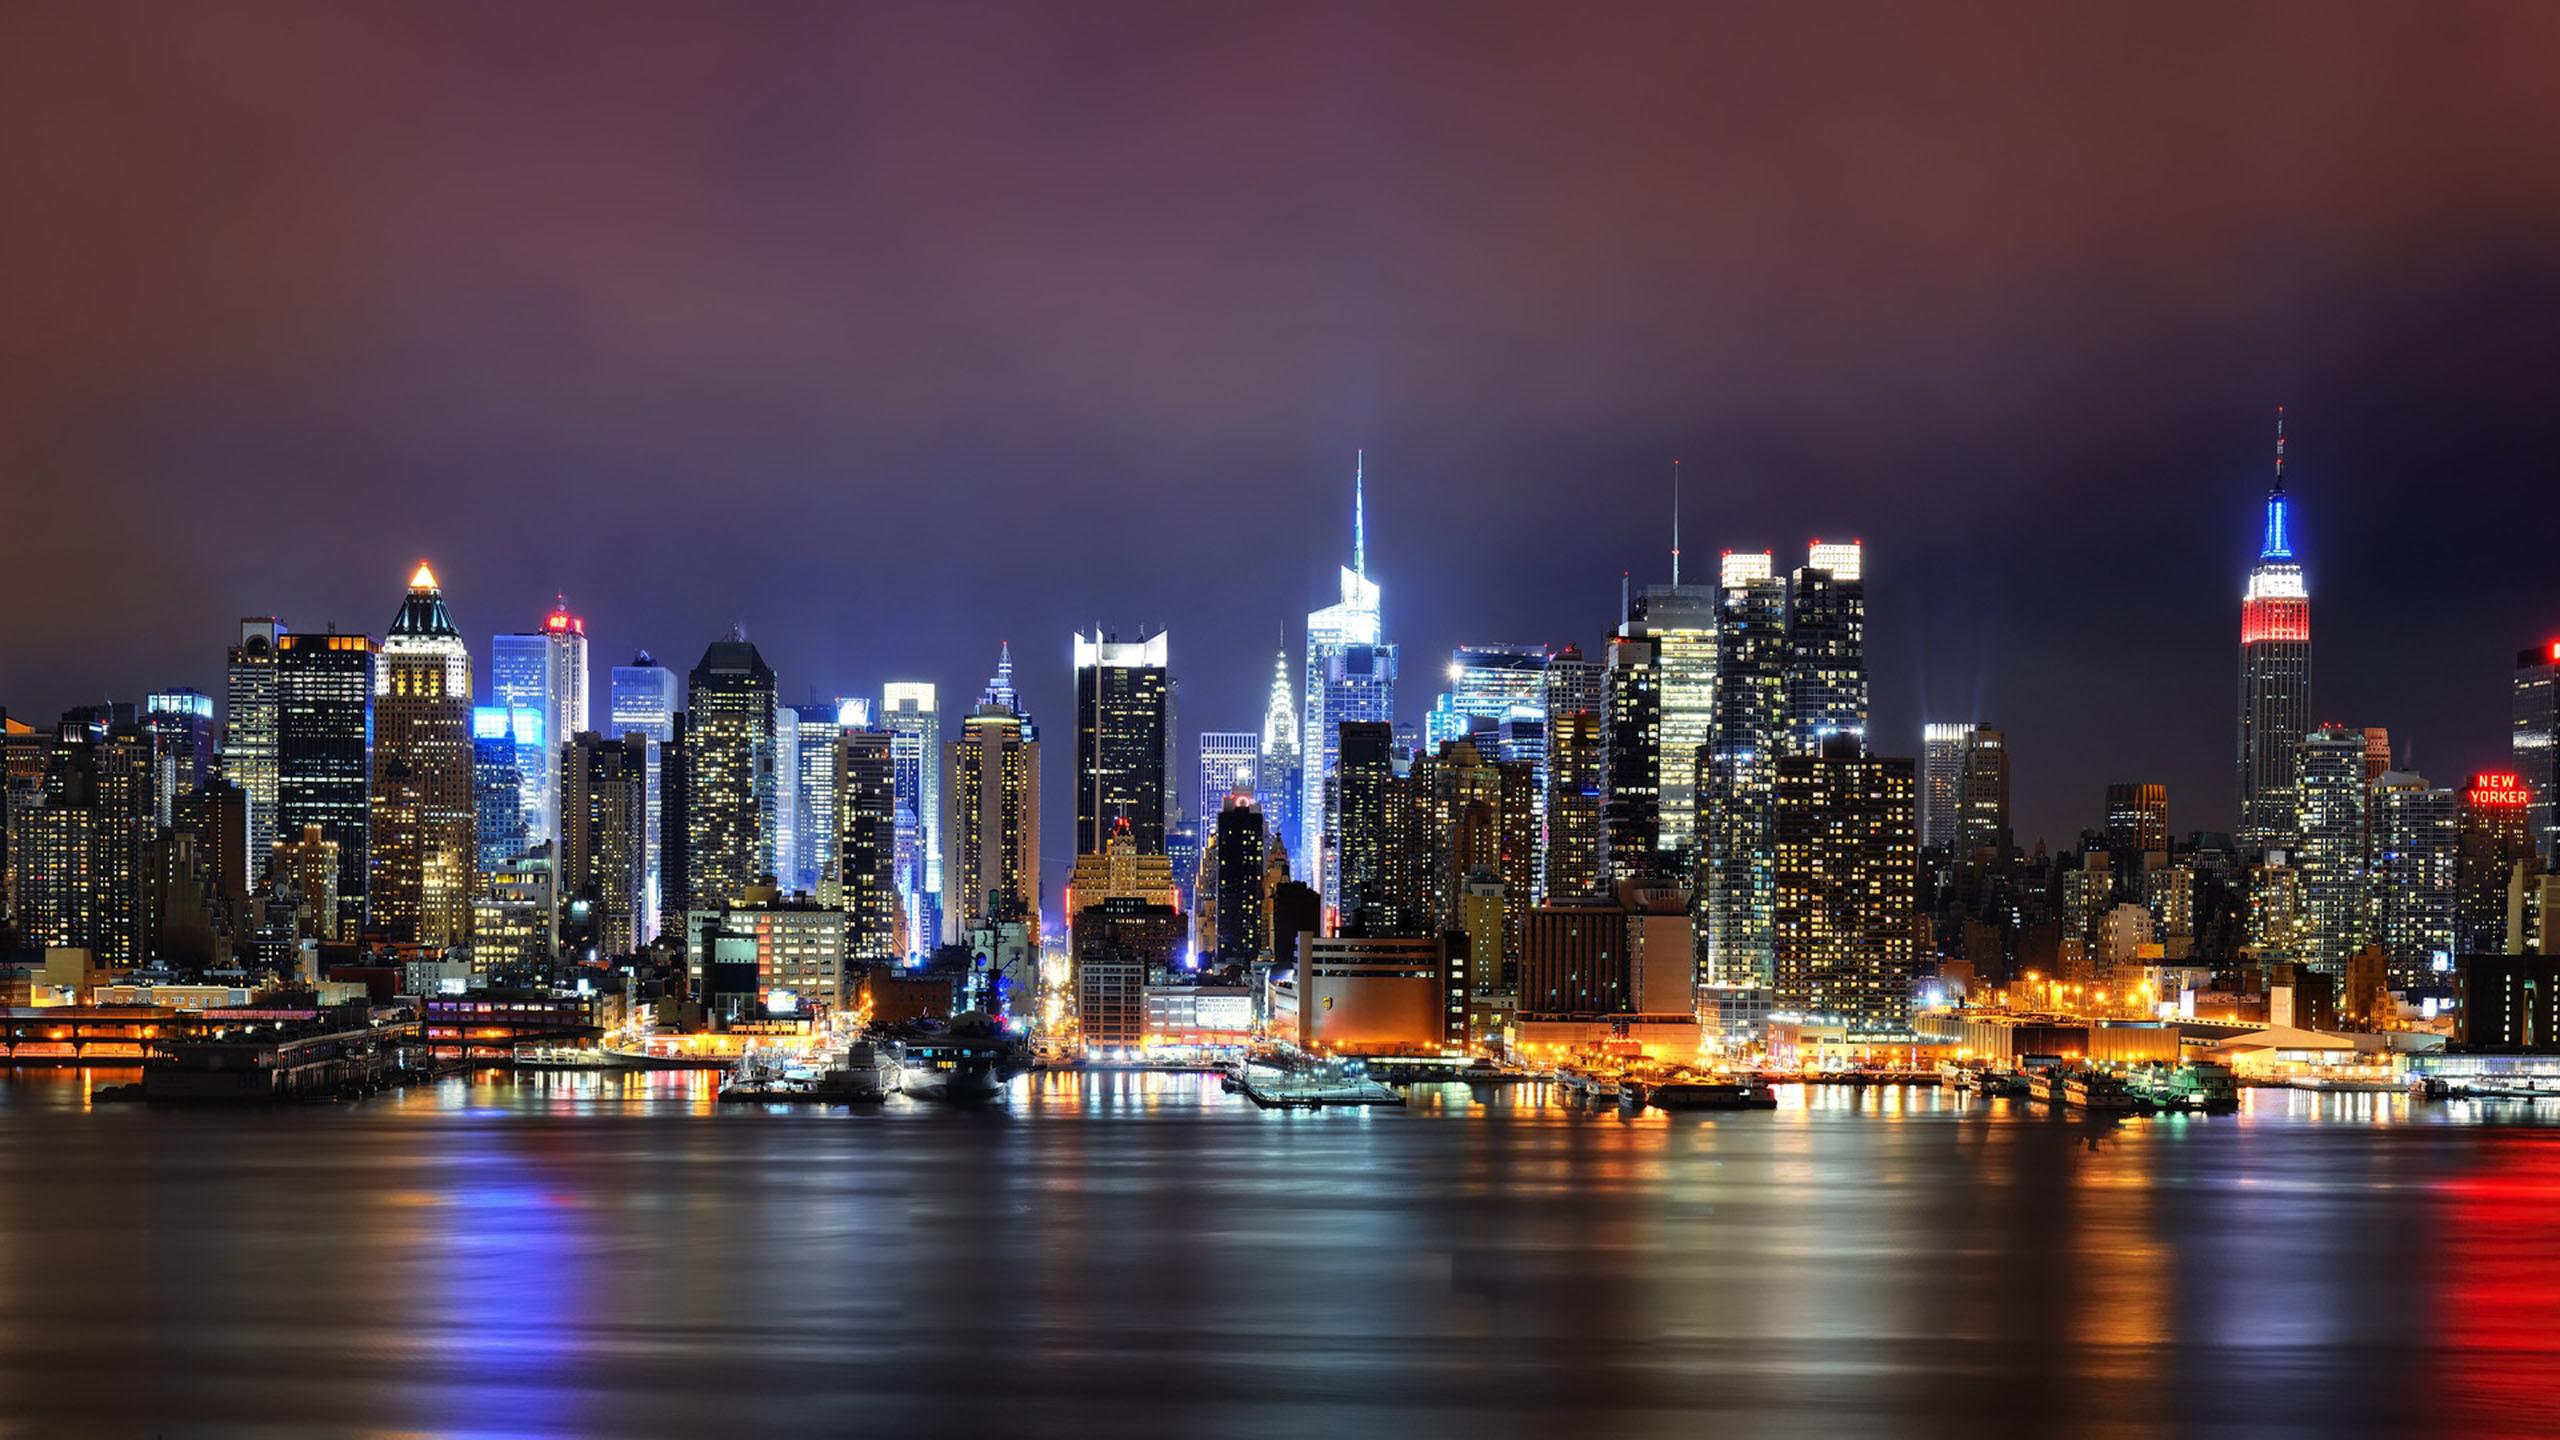 как картинки ночного города высокого разрешения этническом стиле